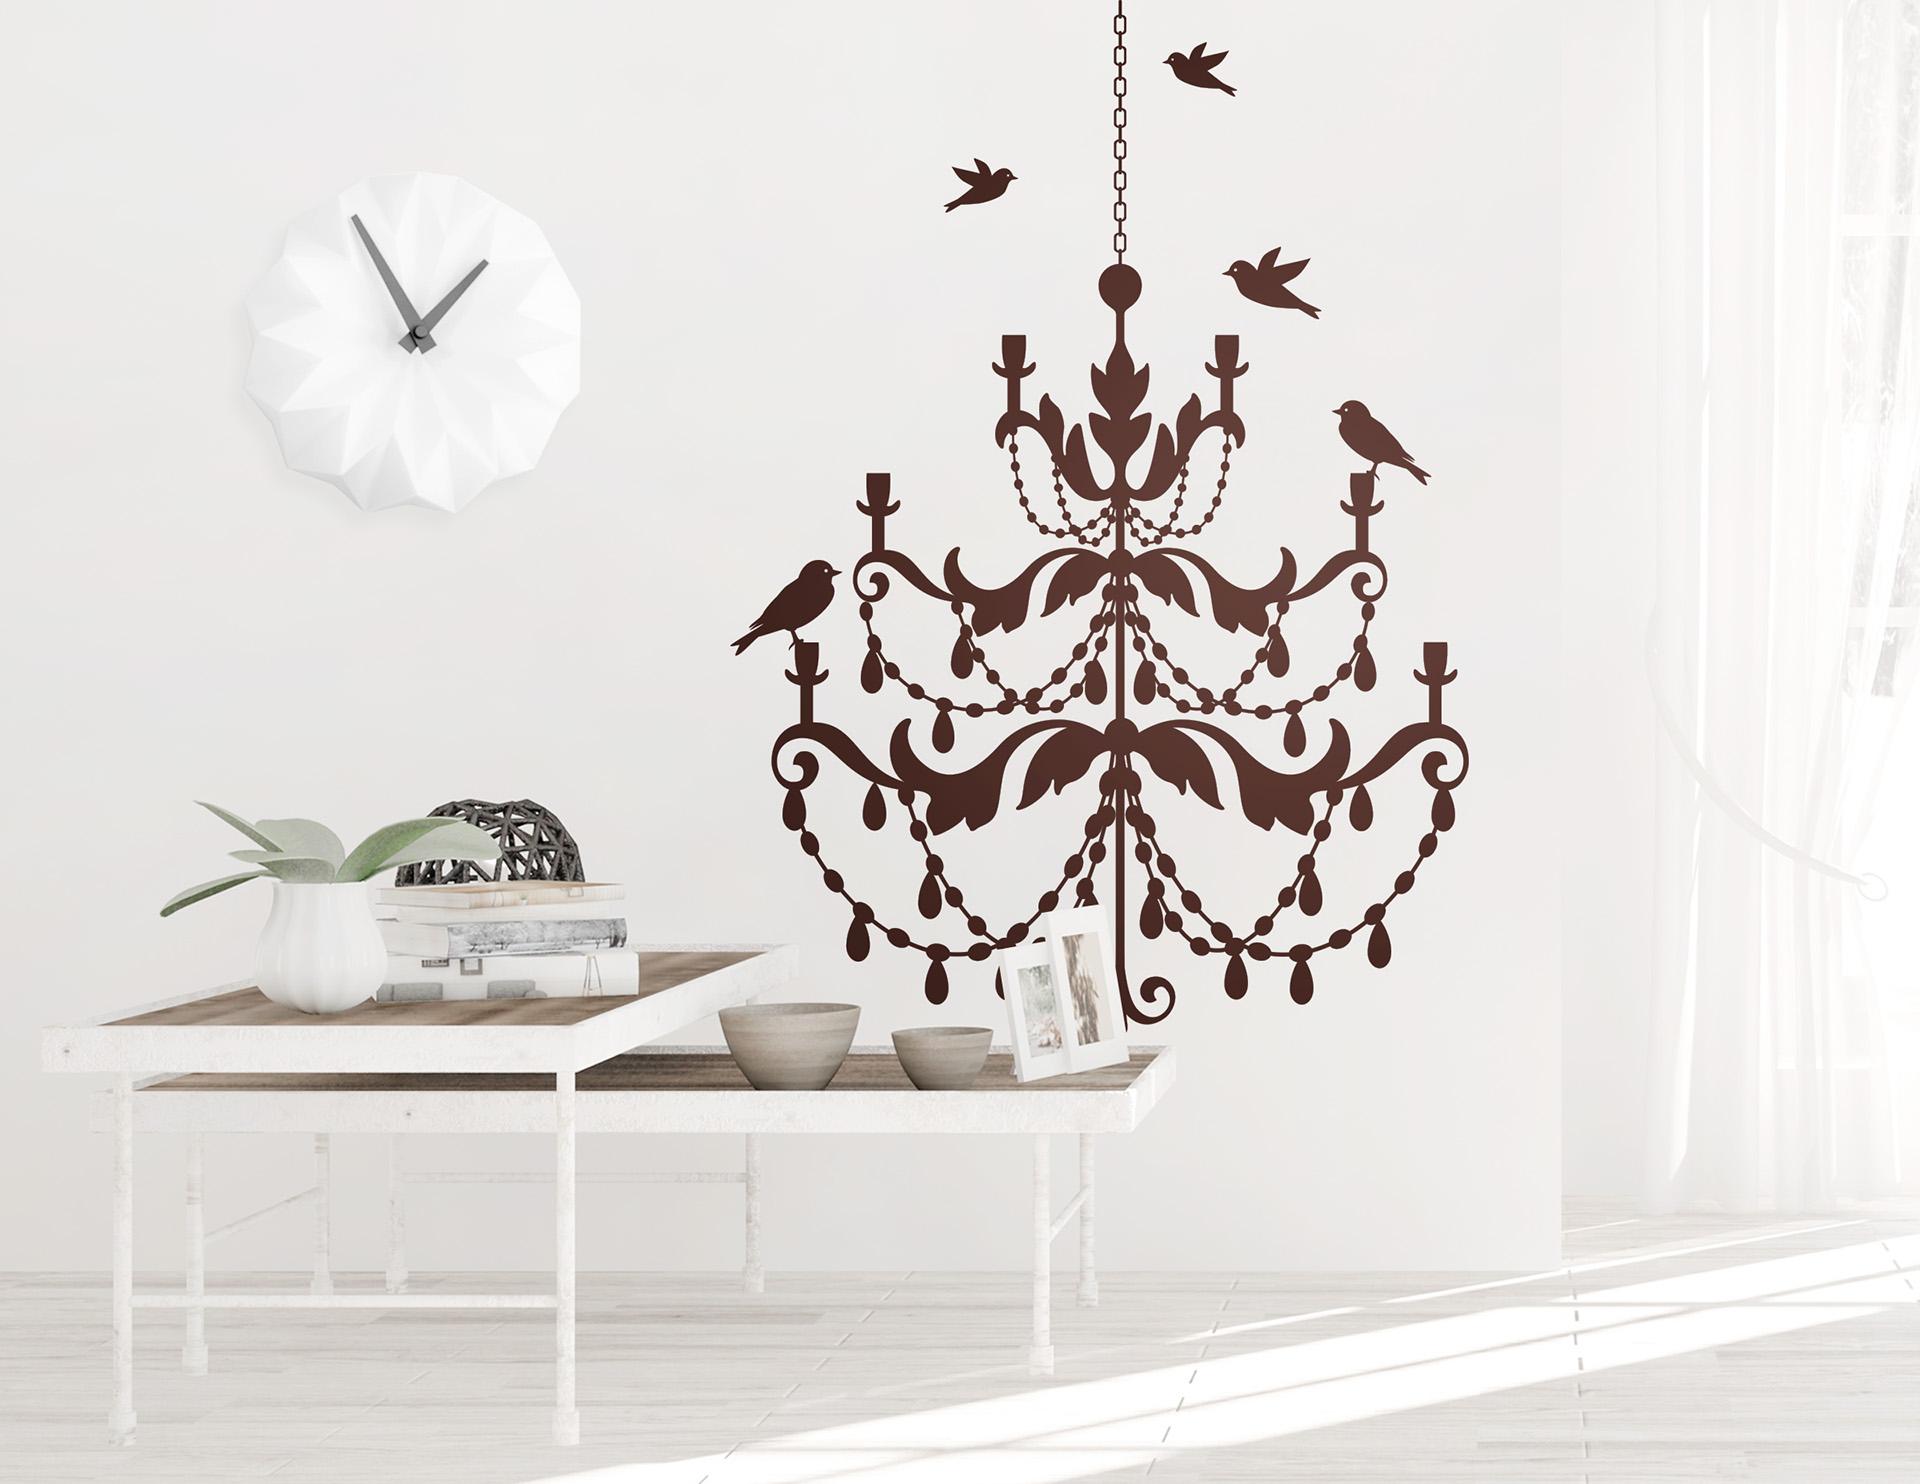 wandtattoo kronleuchter kimberly vereint eleganz und natur. Black Bedroom Furniture Sets. Home Design Ideas